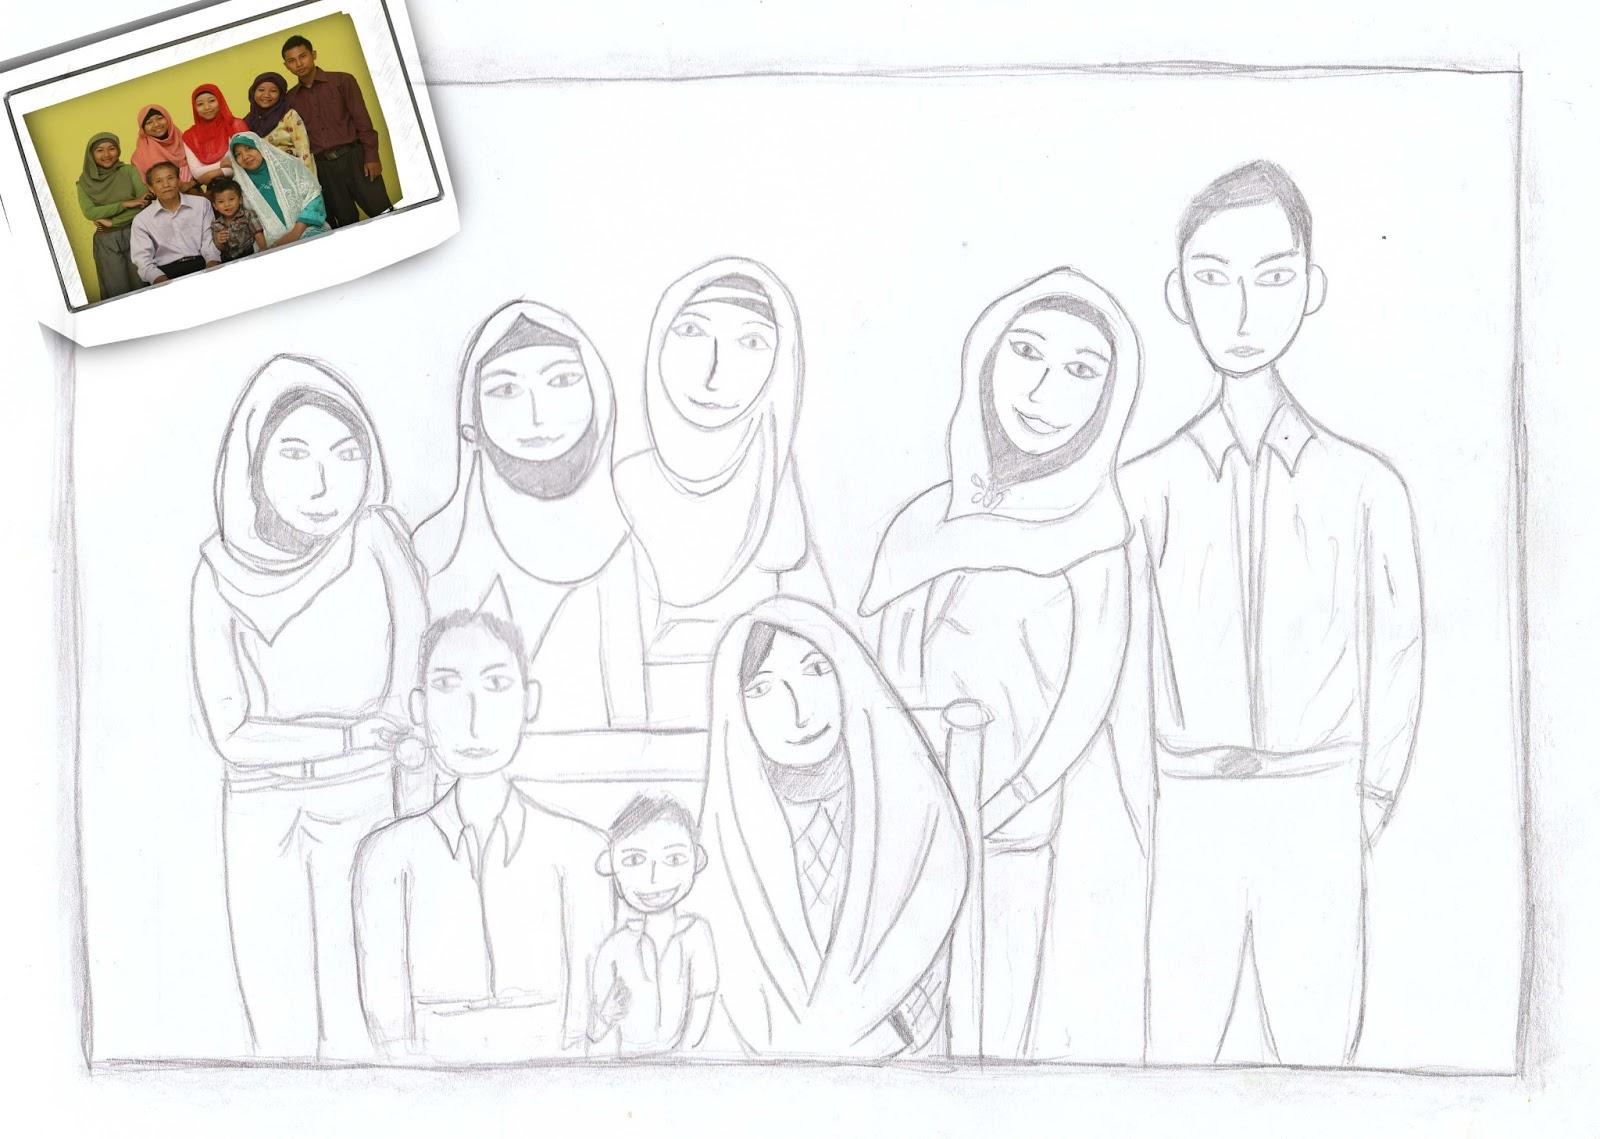 Kumpulan Gambar Sketsa Keluarga Besar Aliransket